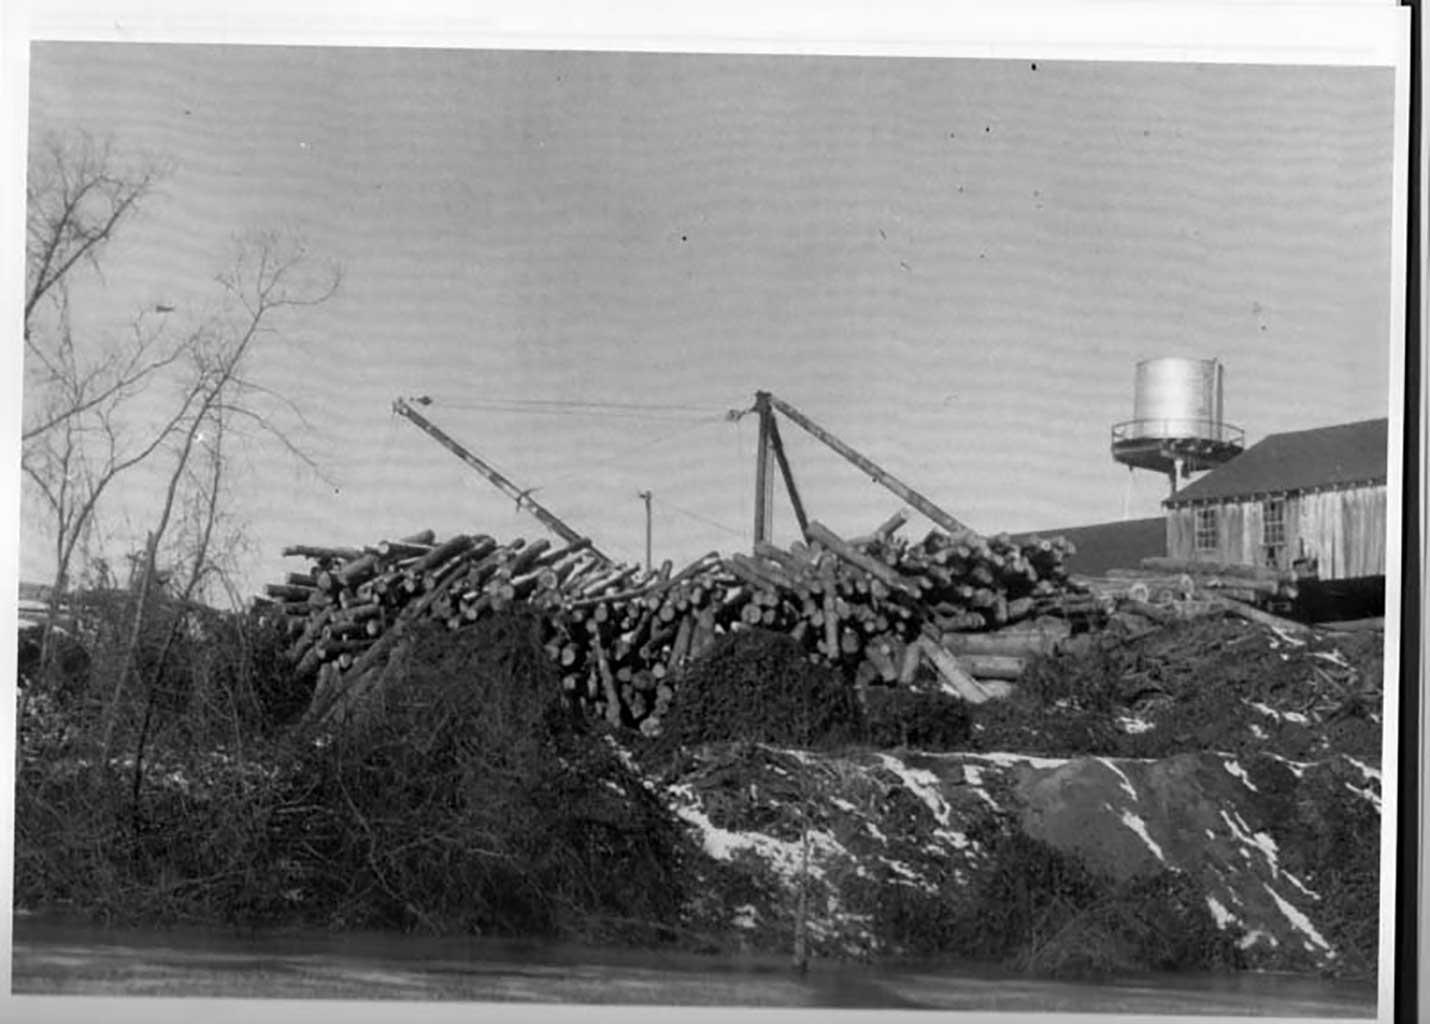 kirk-lumber-co-log-yard-2-1957-img258